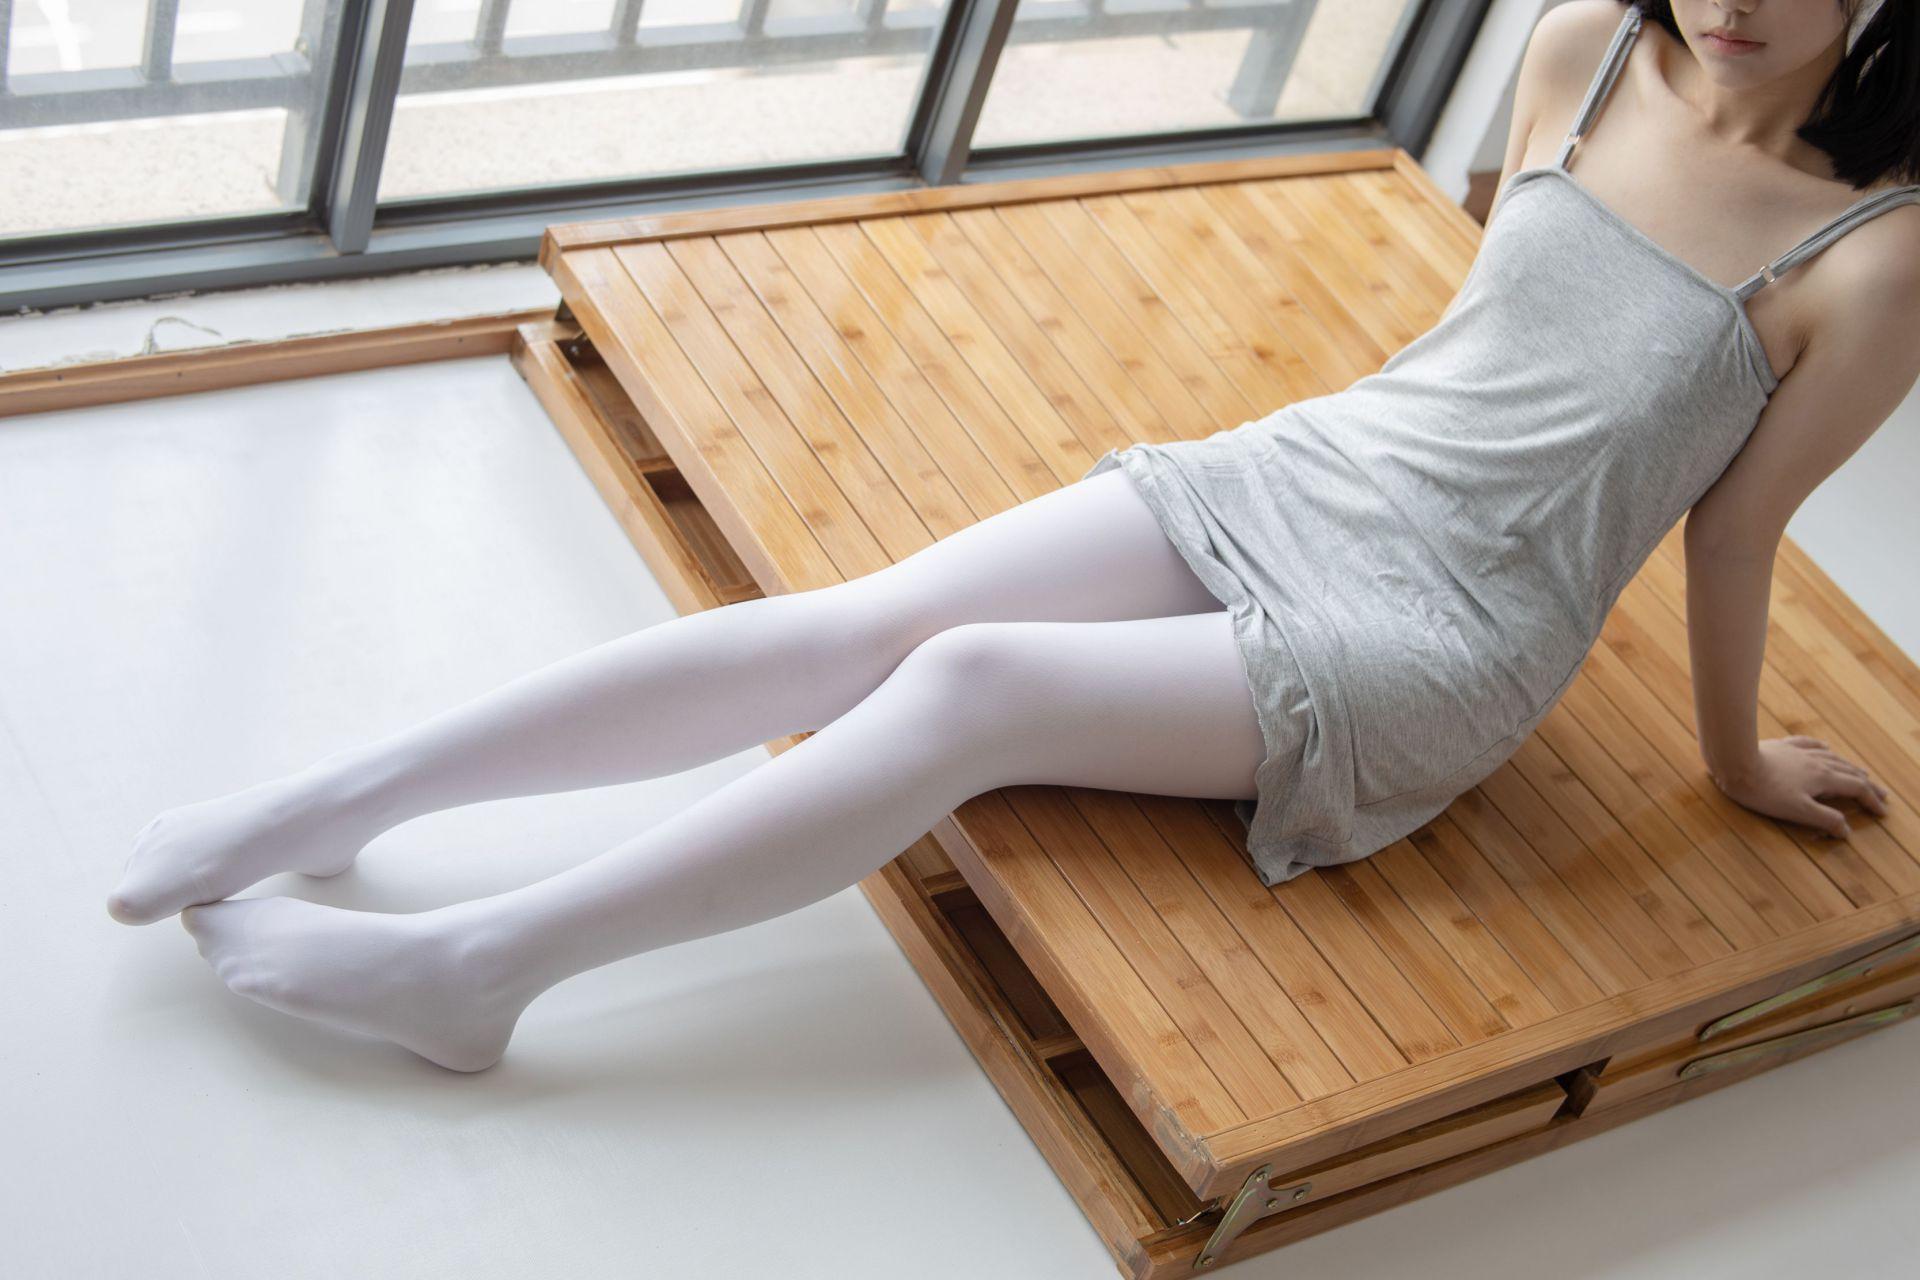 【森萝财团】 森萝财团写真 – JKFUN-013 白丝小可爱 [160P-1V-2.38GB] JKFUN 第2张